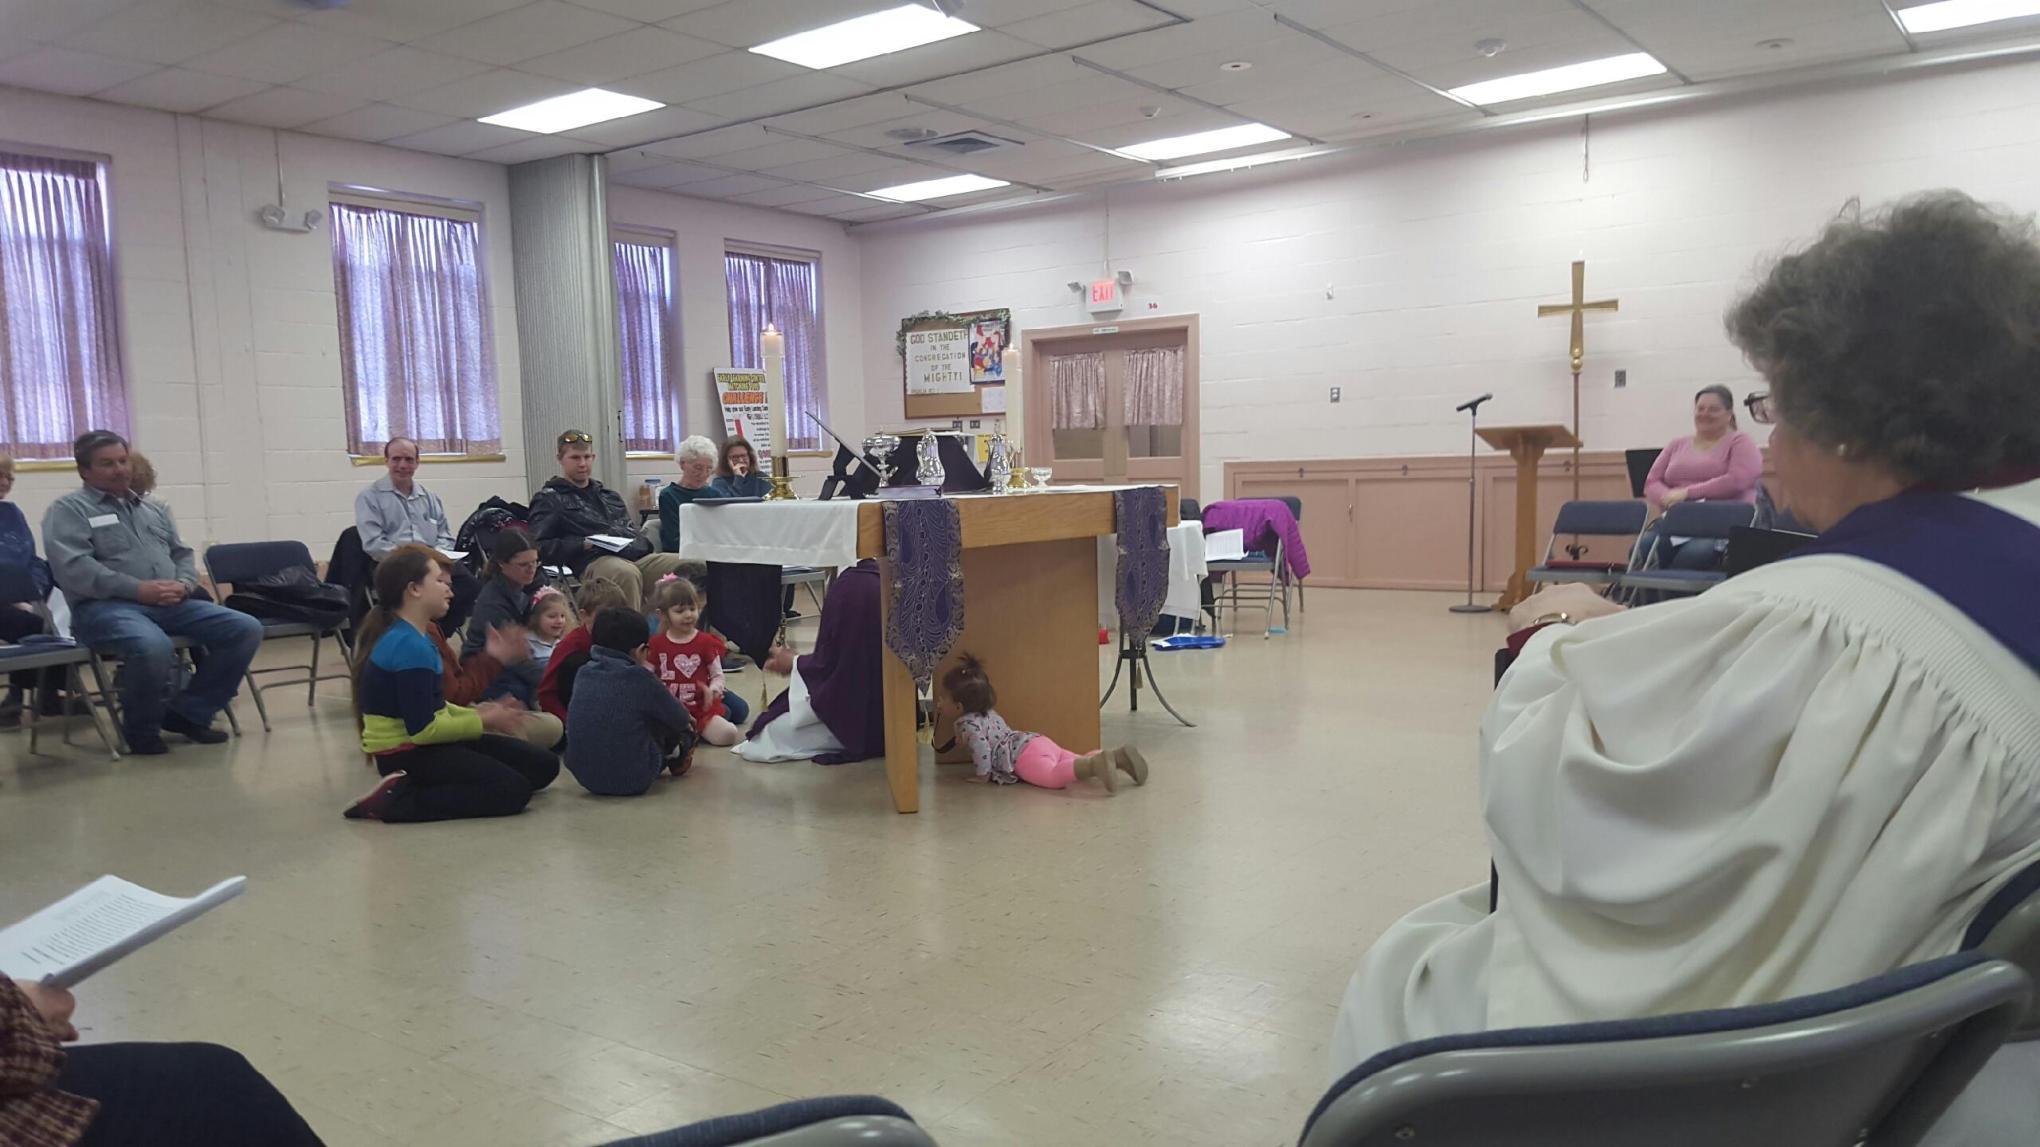 parish hall picture